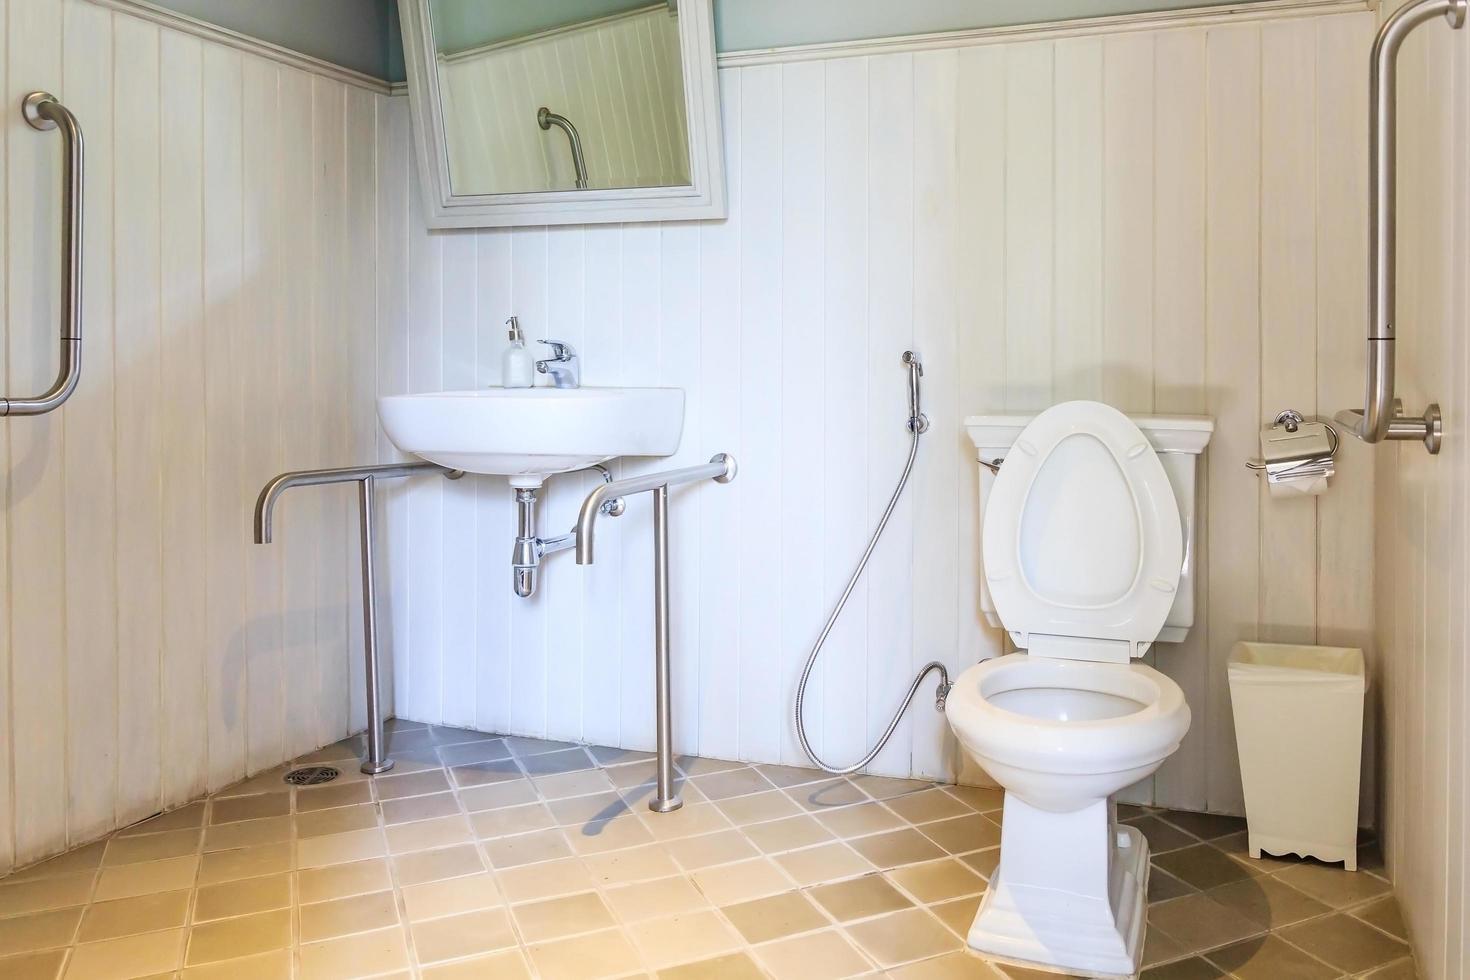 WC e lavabo con corrimano foto